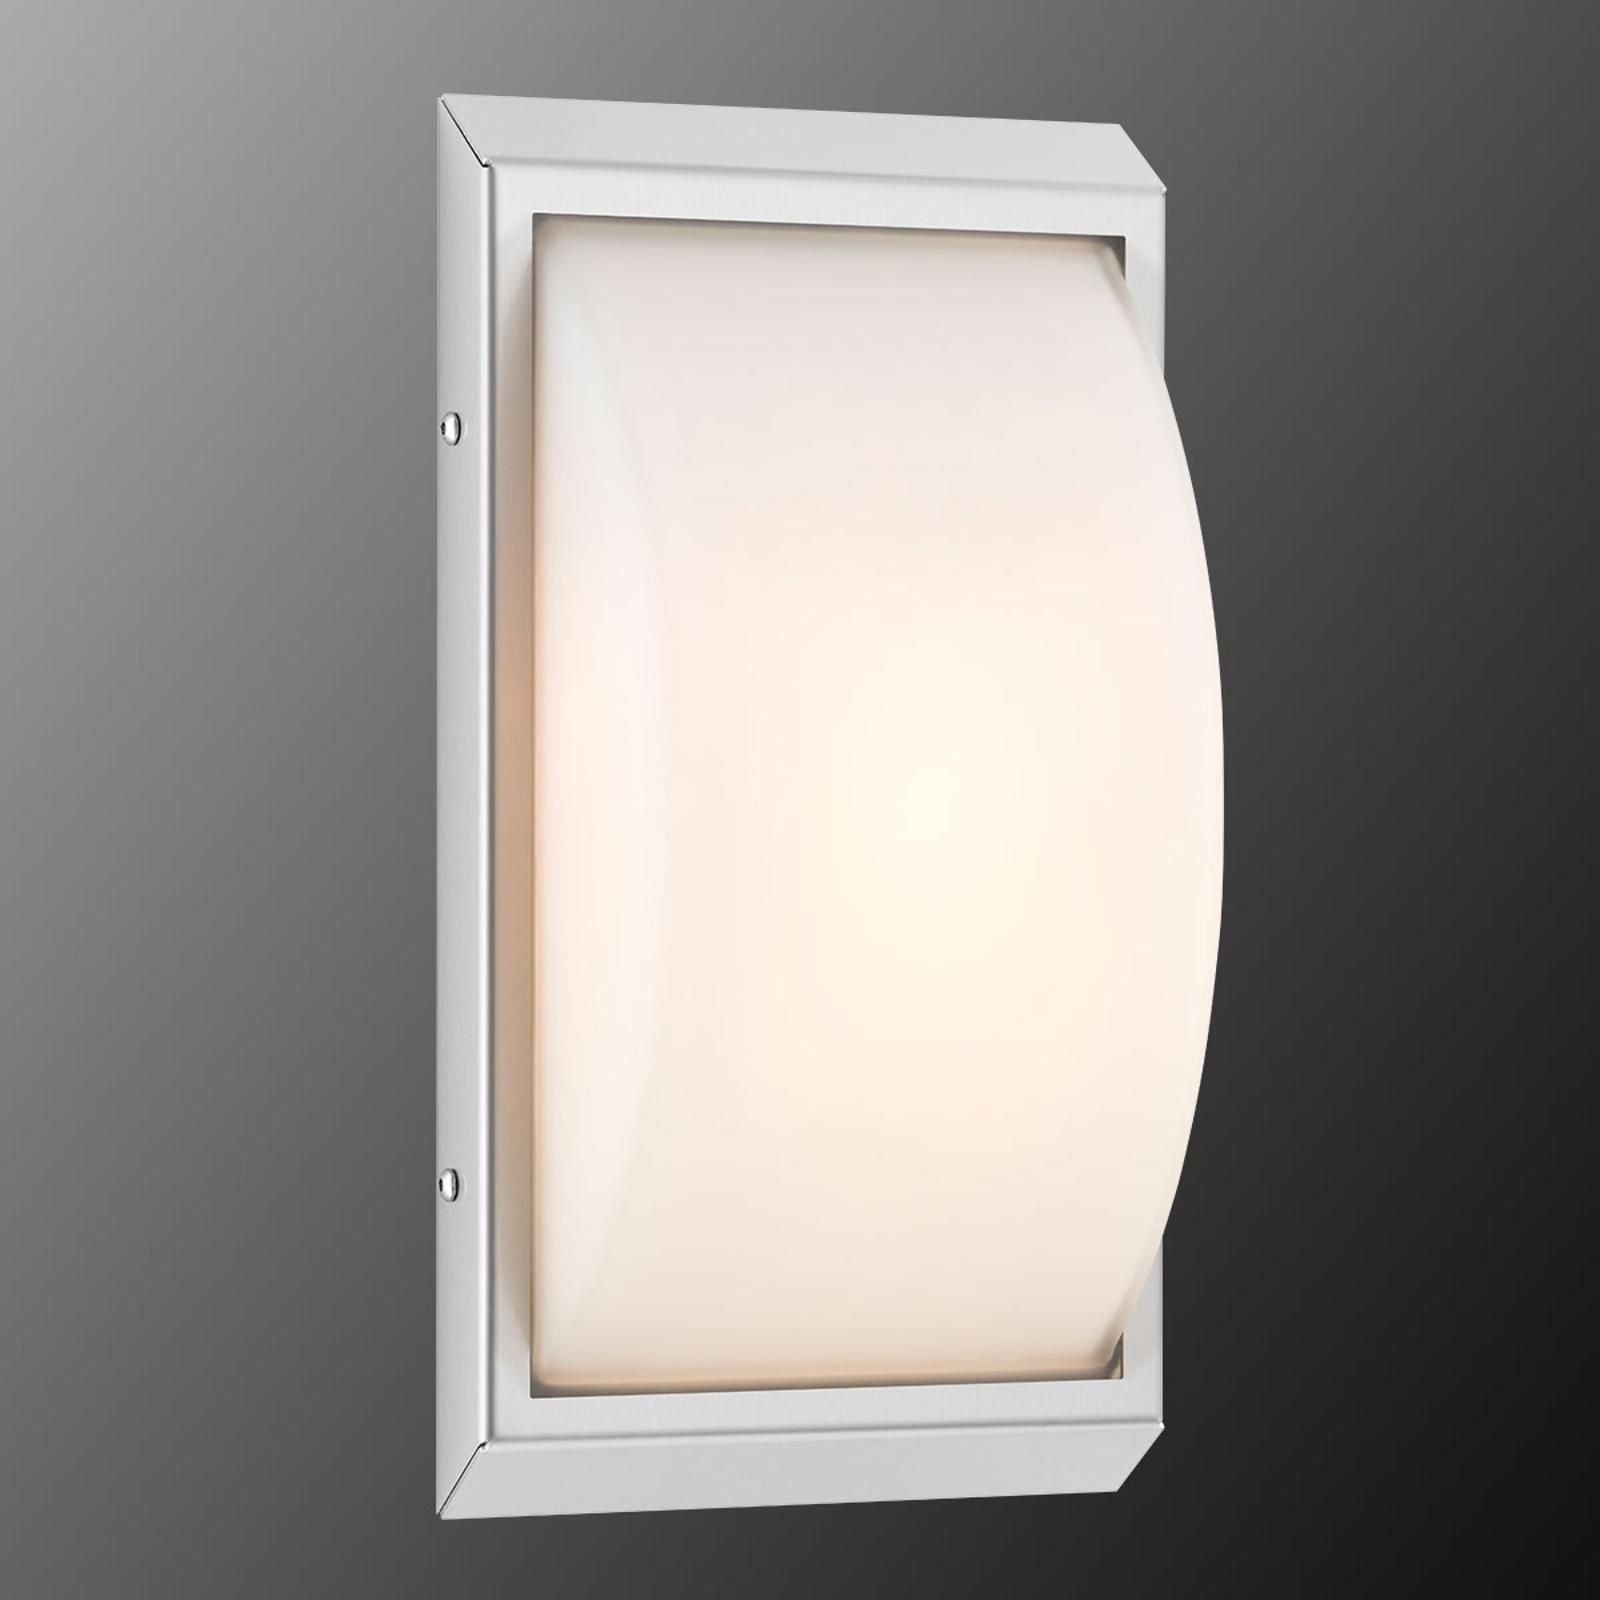 Zewnętrzna lampa ścienna LED MALTE